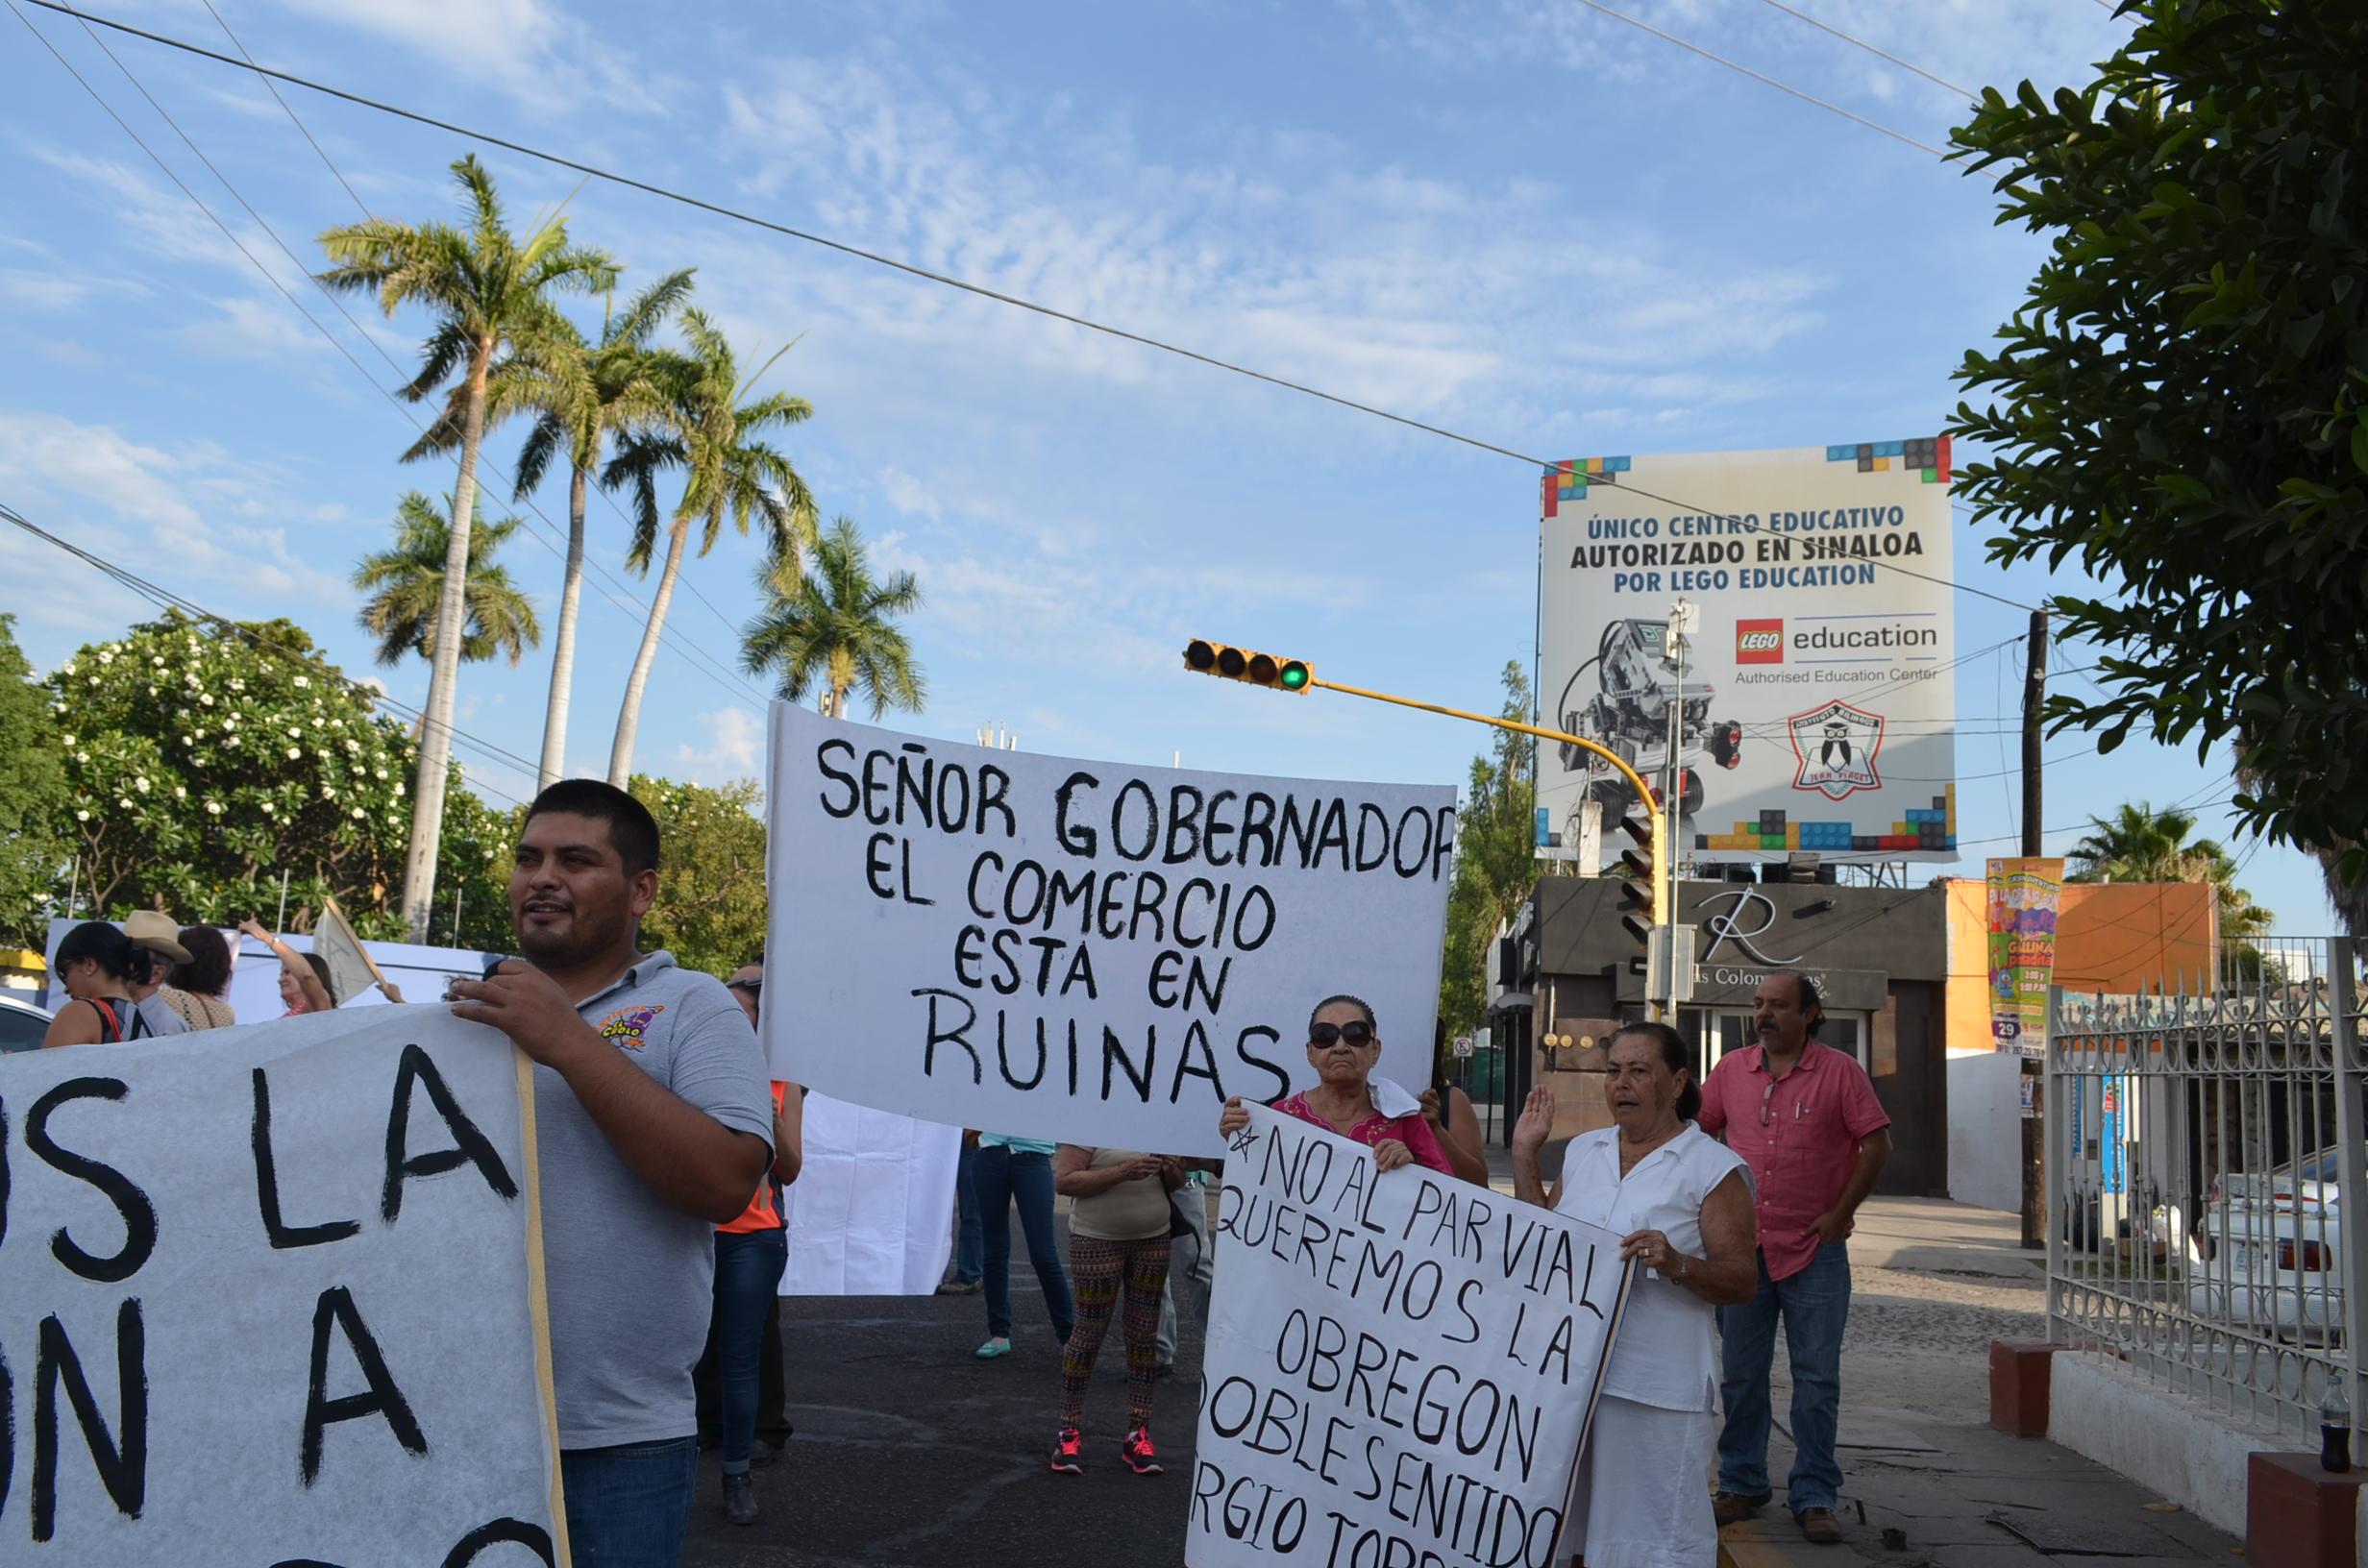 Los protestantes aseguran que el único que puede solucionar este caos vial es el gobernador. Fotografía: Gabriela Sánchez